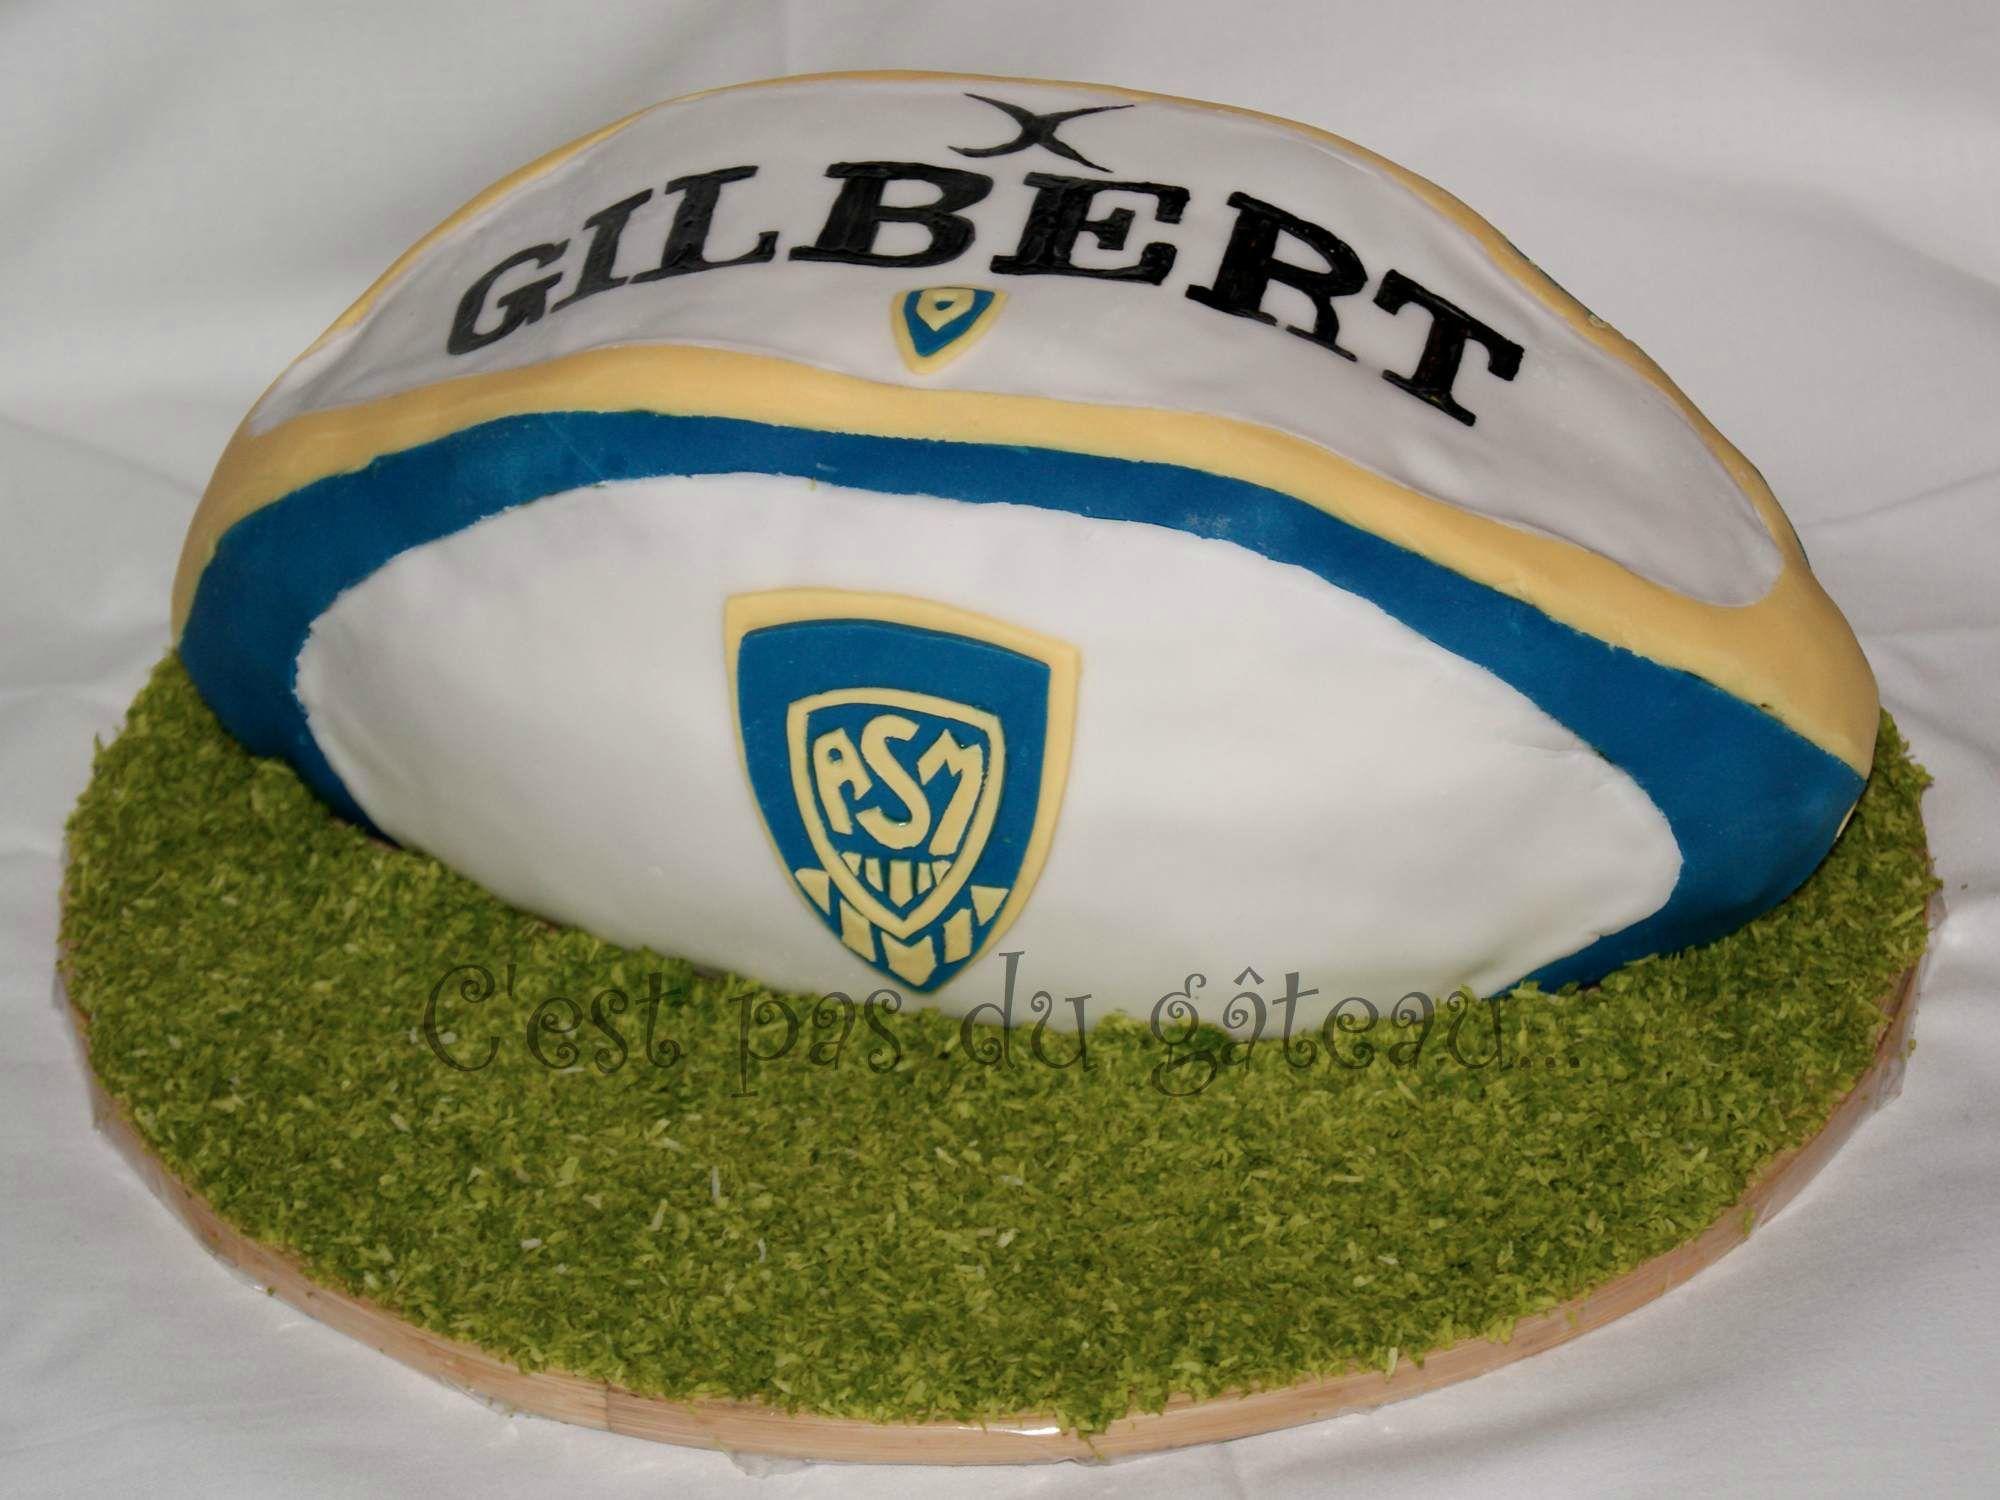 photo g teau ballon de rugby asm miam miam g teau theme pinterest photo gateau rugby et asm. Black Bedroom Furniture Sets. Home Design Ideas